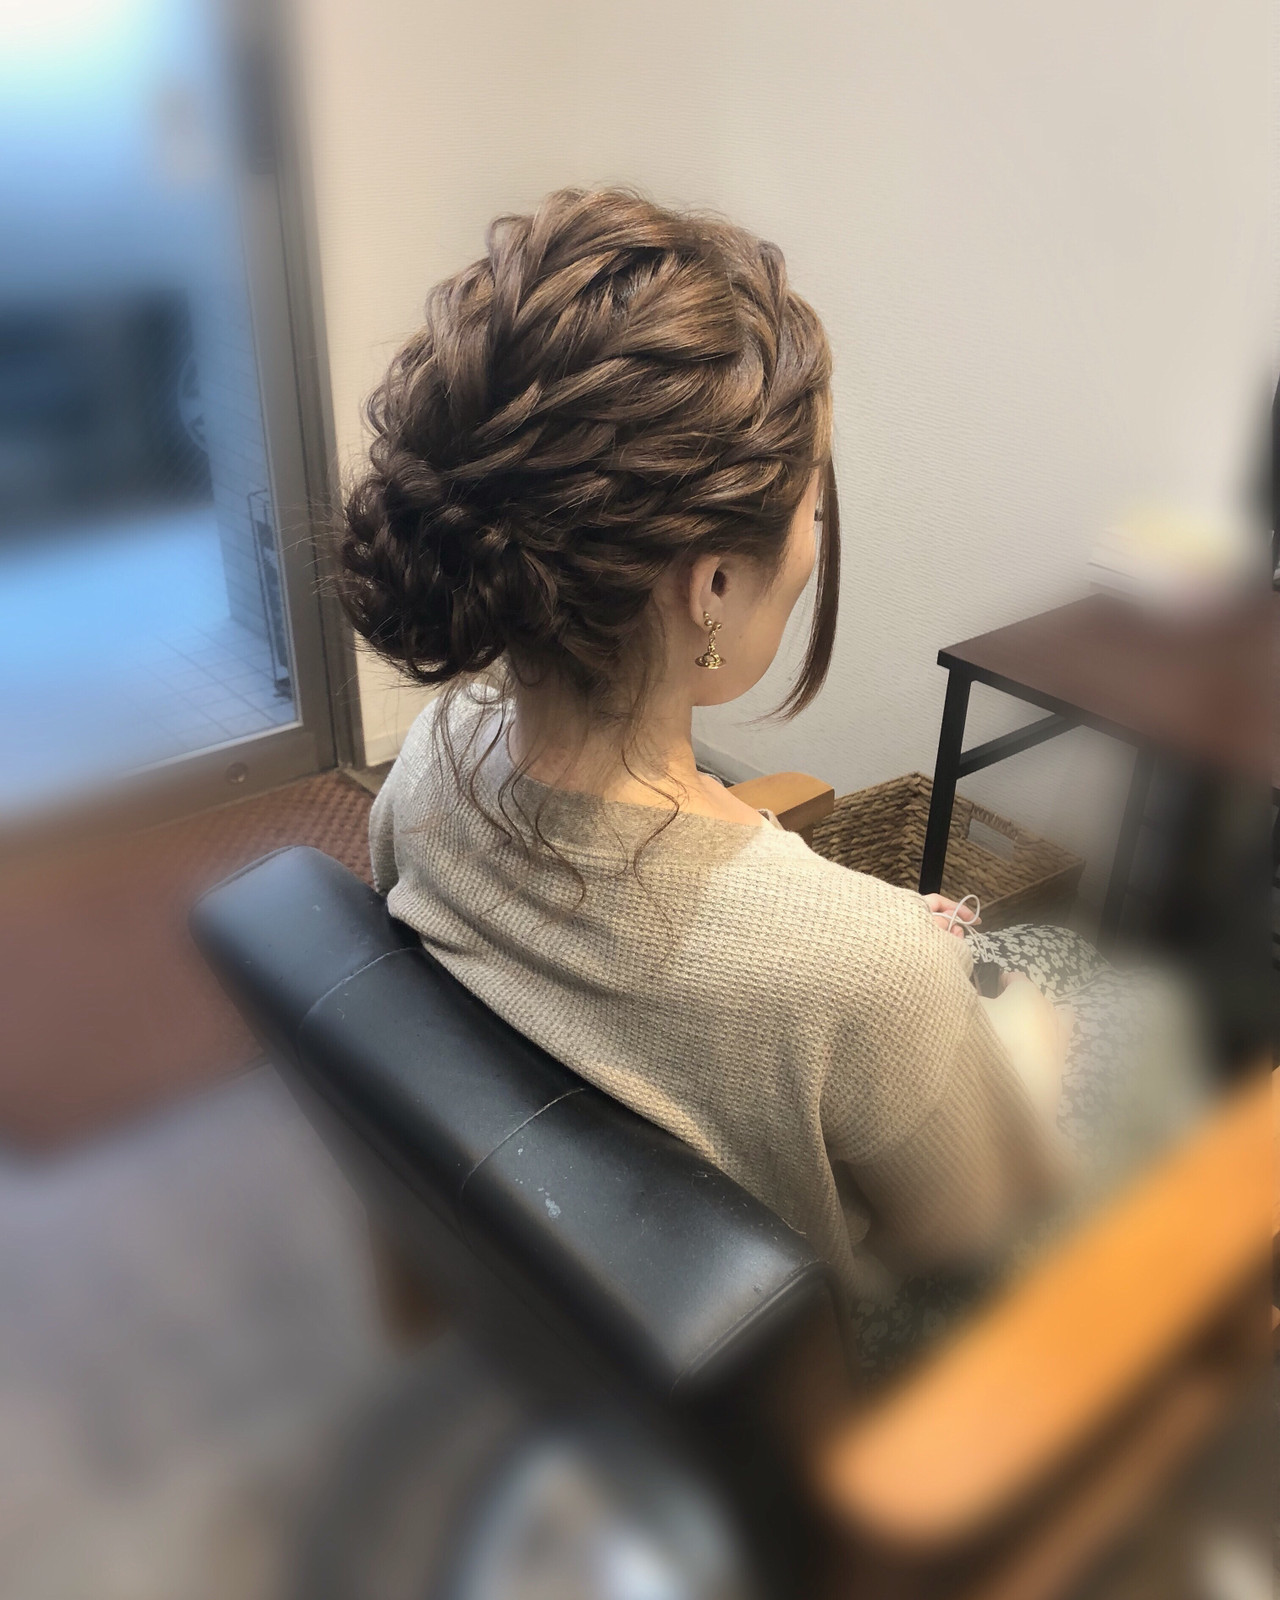 ヘアアレンジ ねじり セミロング フェミニン ヘアスタイルや髪型の写真・画像 | mai / HAIR SALON STELLA